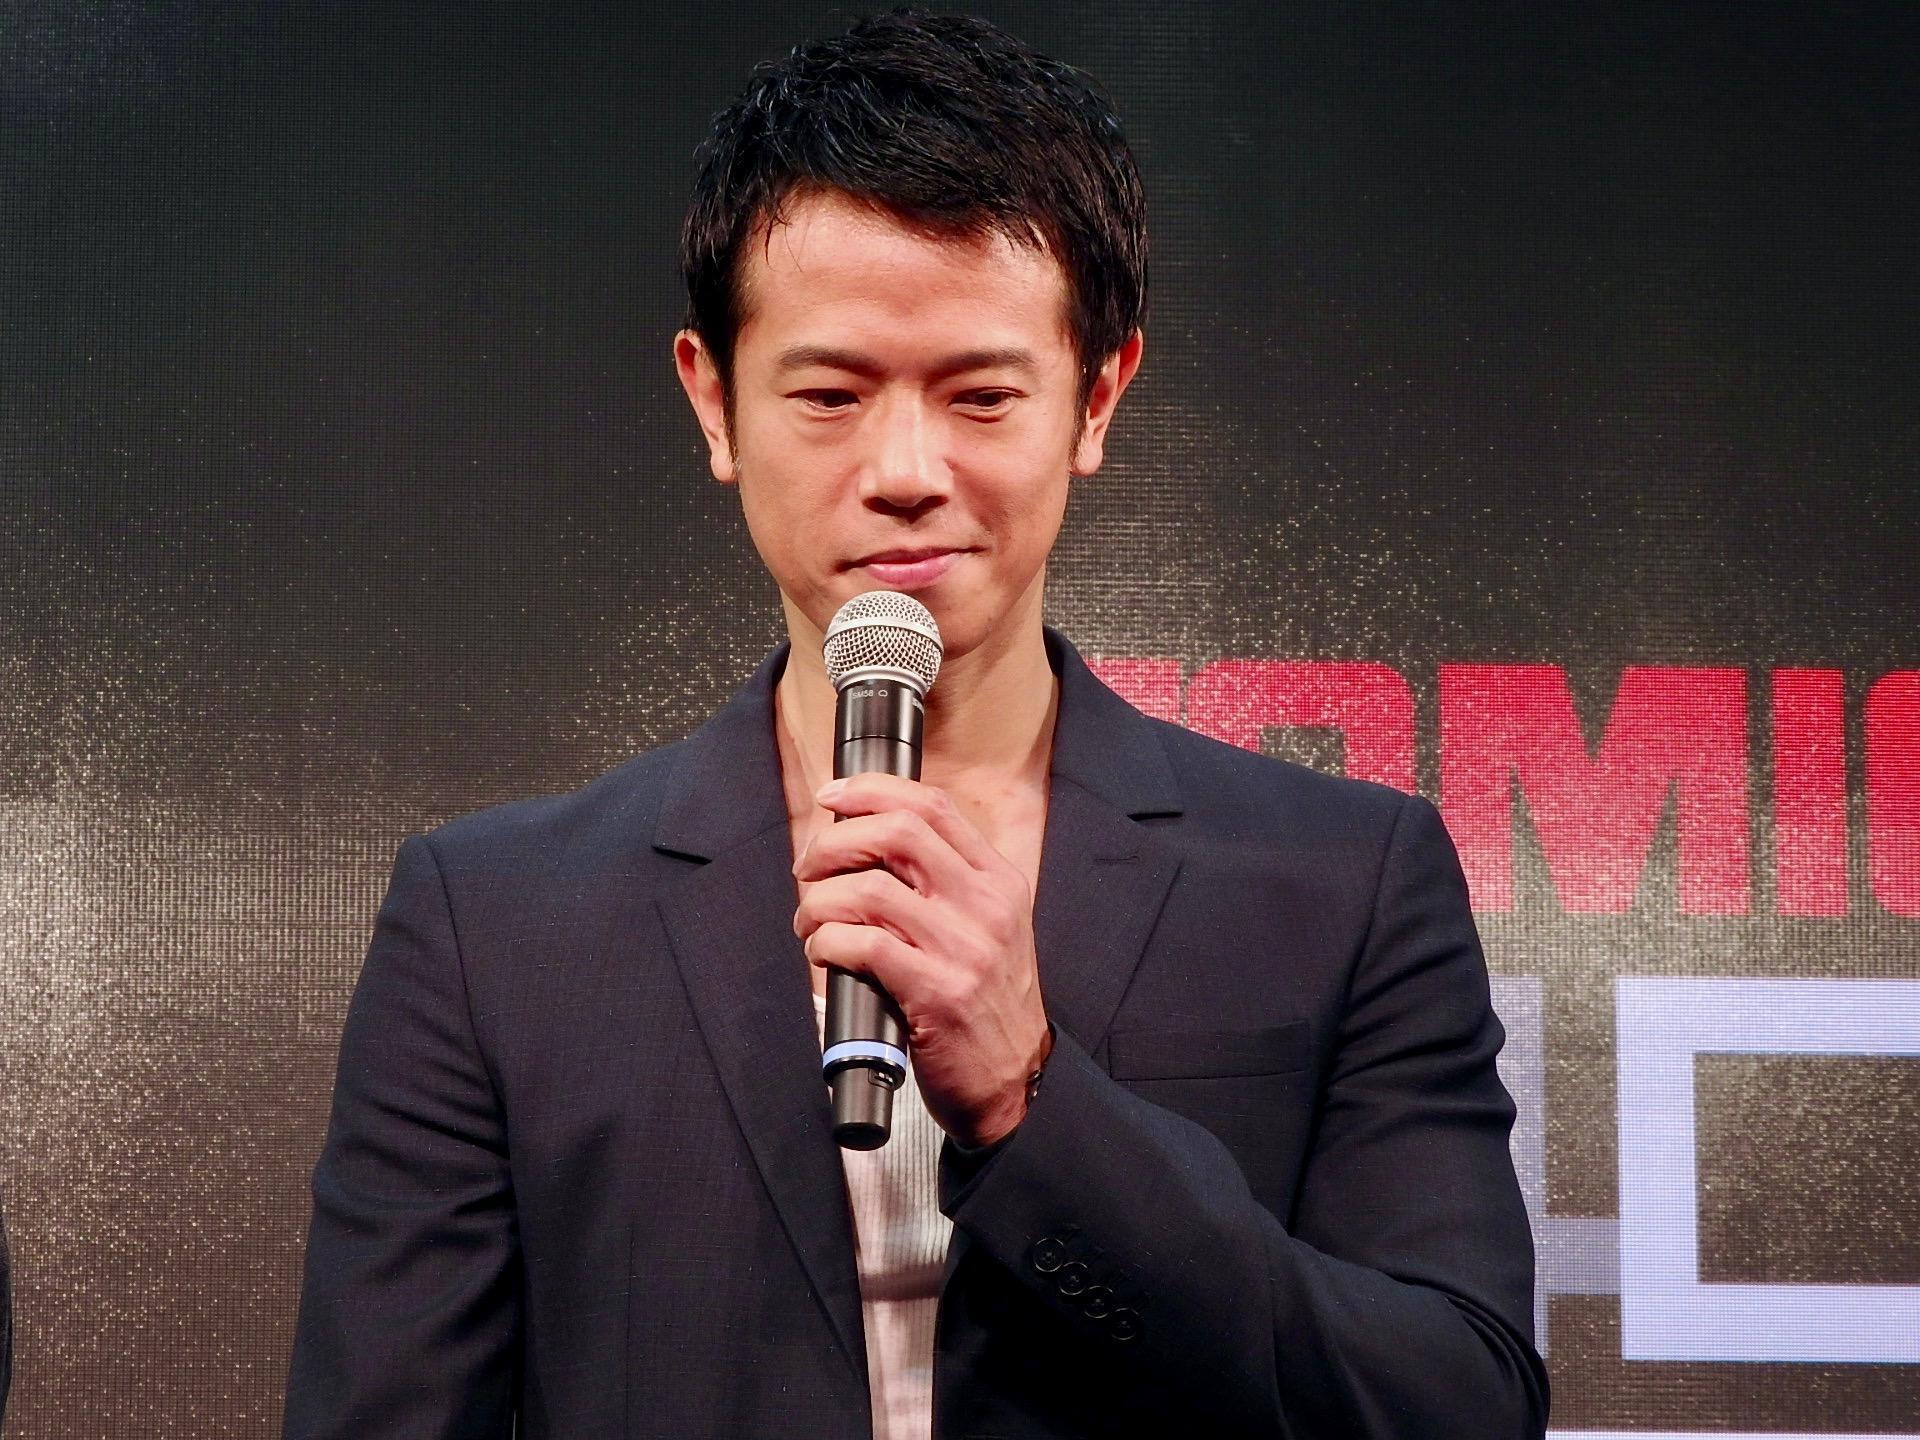 http://news.yoshimoto.co.jp/20180608080300-36a4fdee94d7b577c7ac025e66f1e324b39c721e.jpg